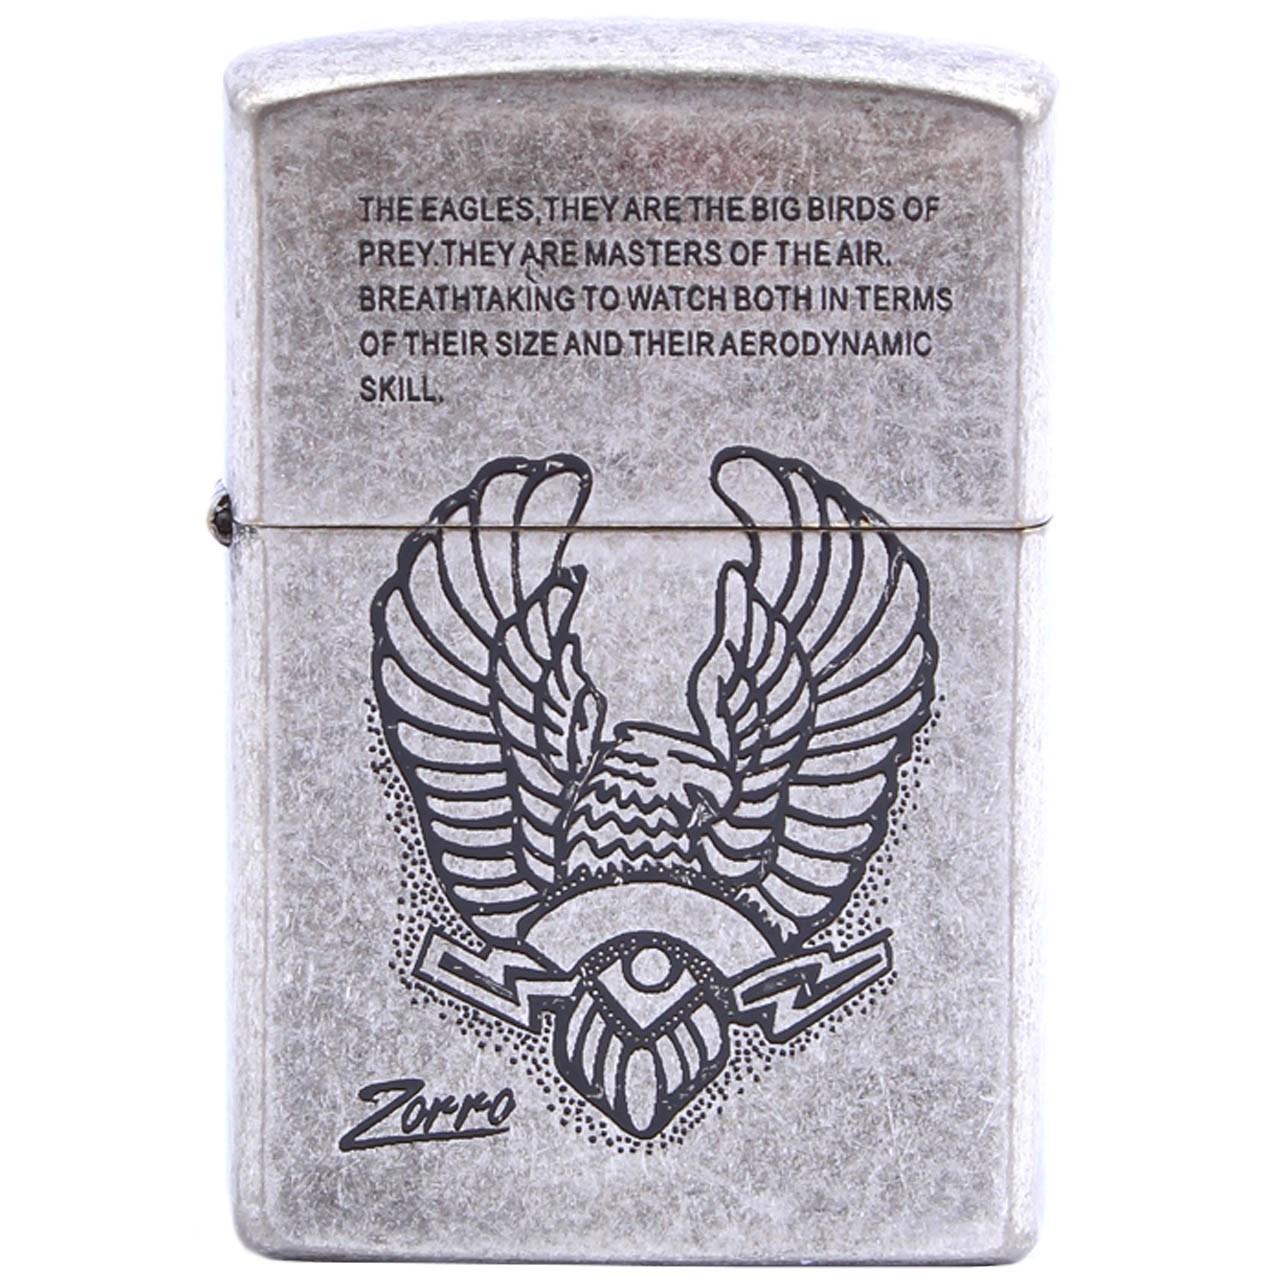 فندک زورو التیمیت جاستیک مدل Eagle 902